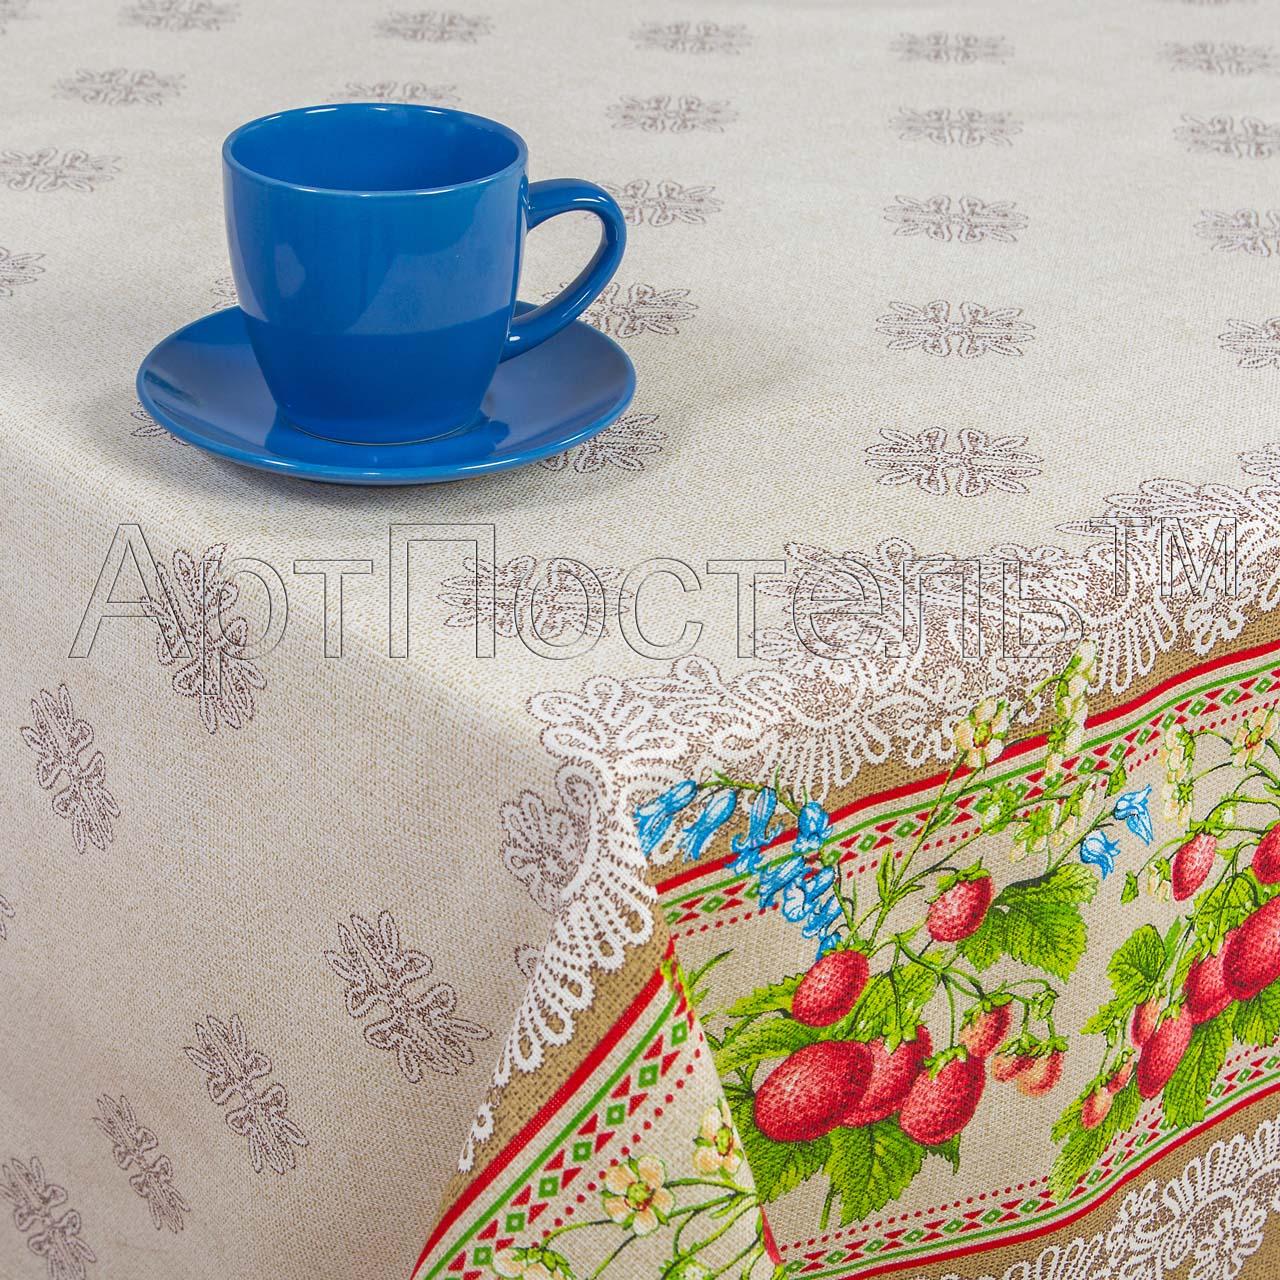 Скатерть Земляничка р. 120х145Кухонные принадлежности<br>Плотность ткани: 160 г/кв. м<br><br>Тип: Скатерть<br>Размер: 120х145<br>Материал: Рогожка